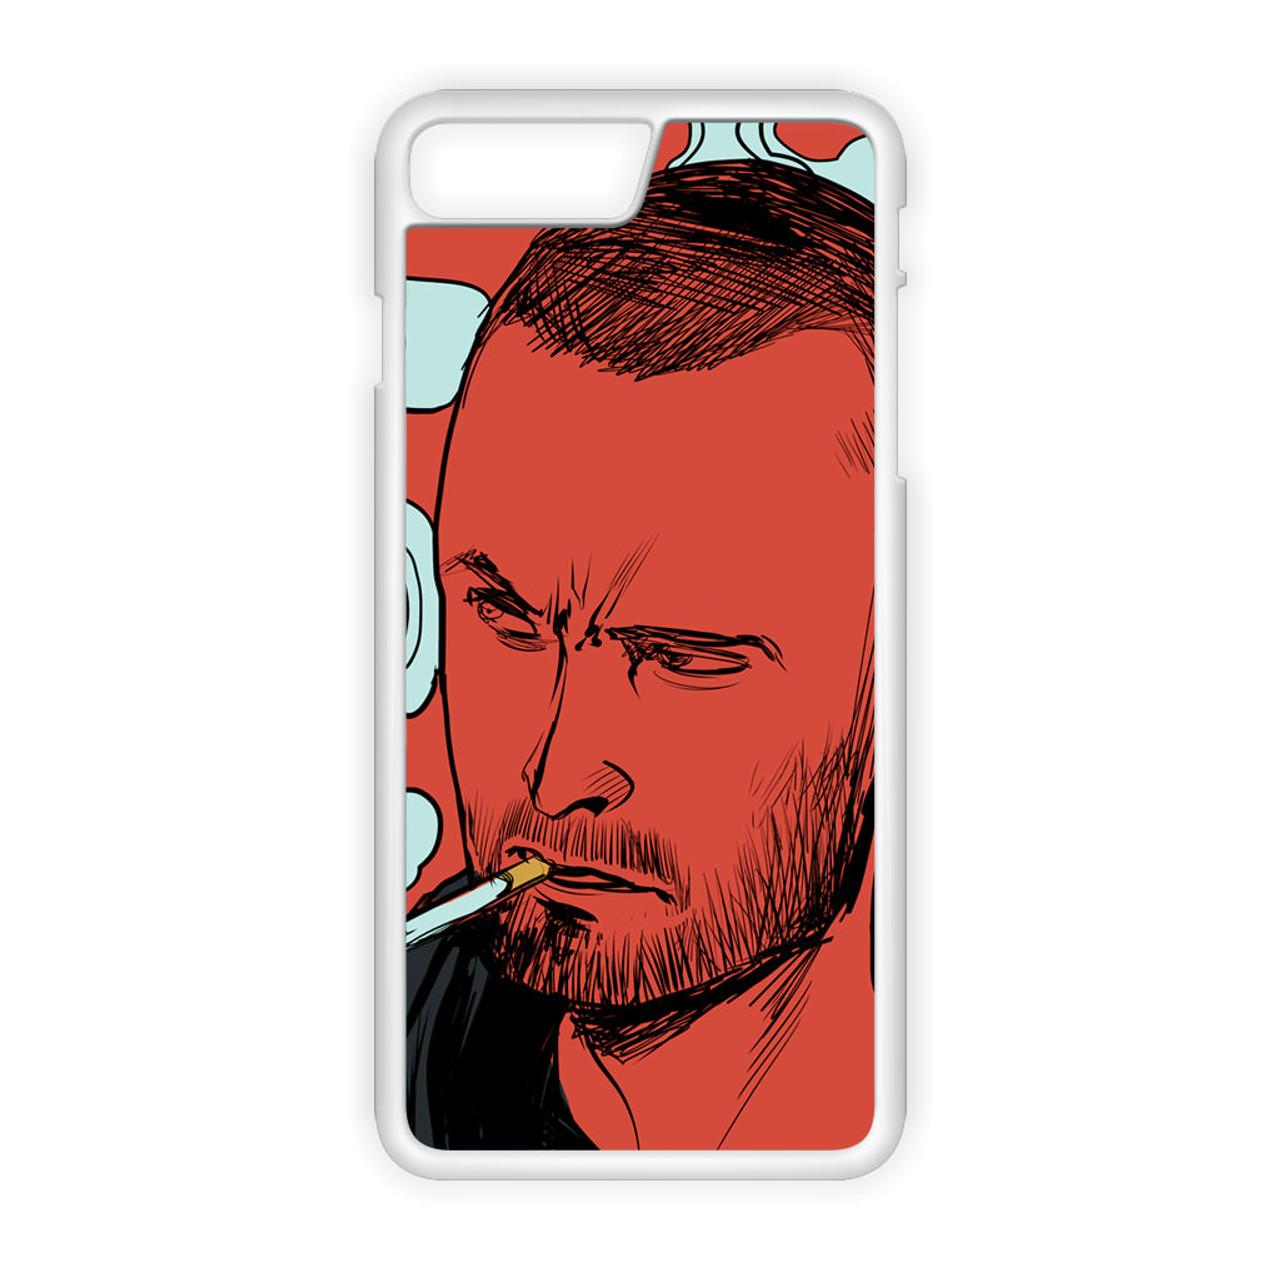 Tv Show Breaking Bad 6 iPhone 7 Plus Case